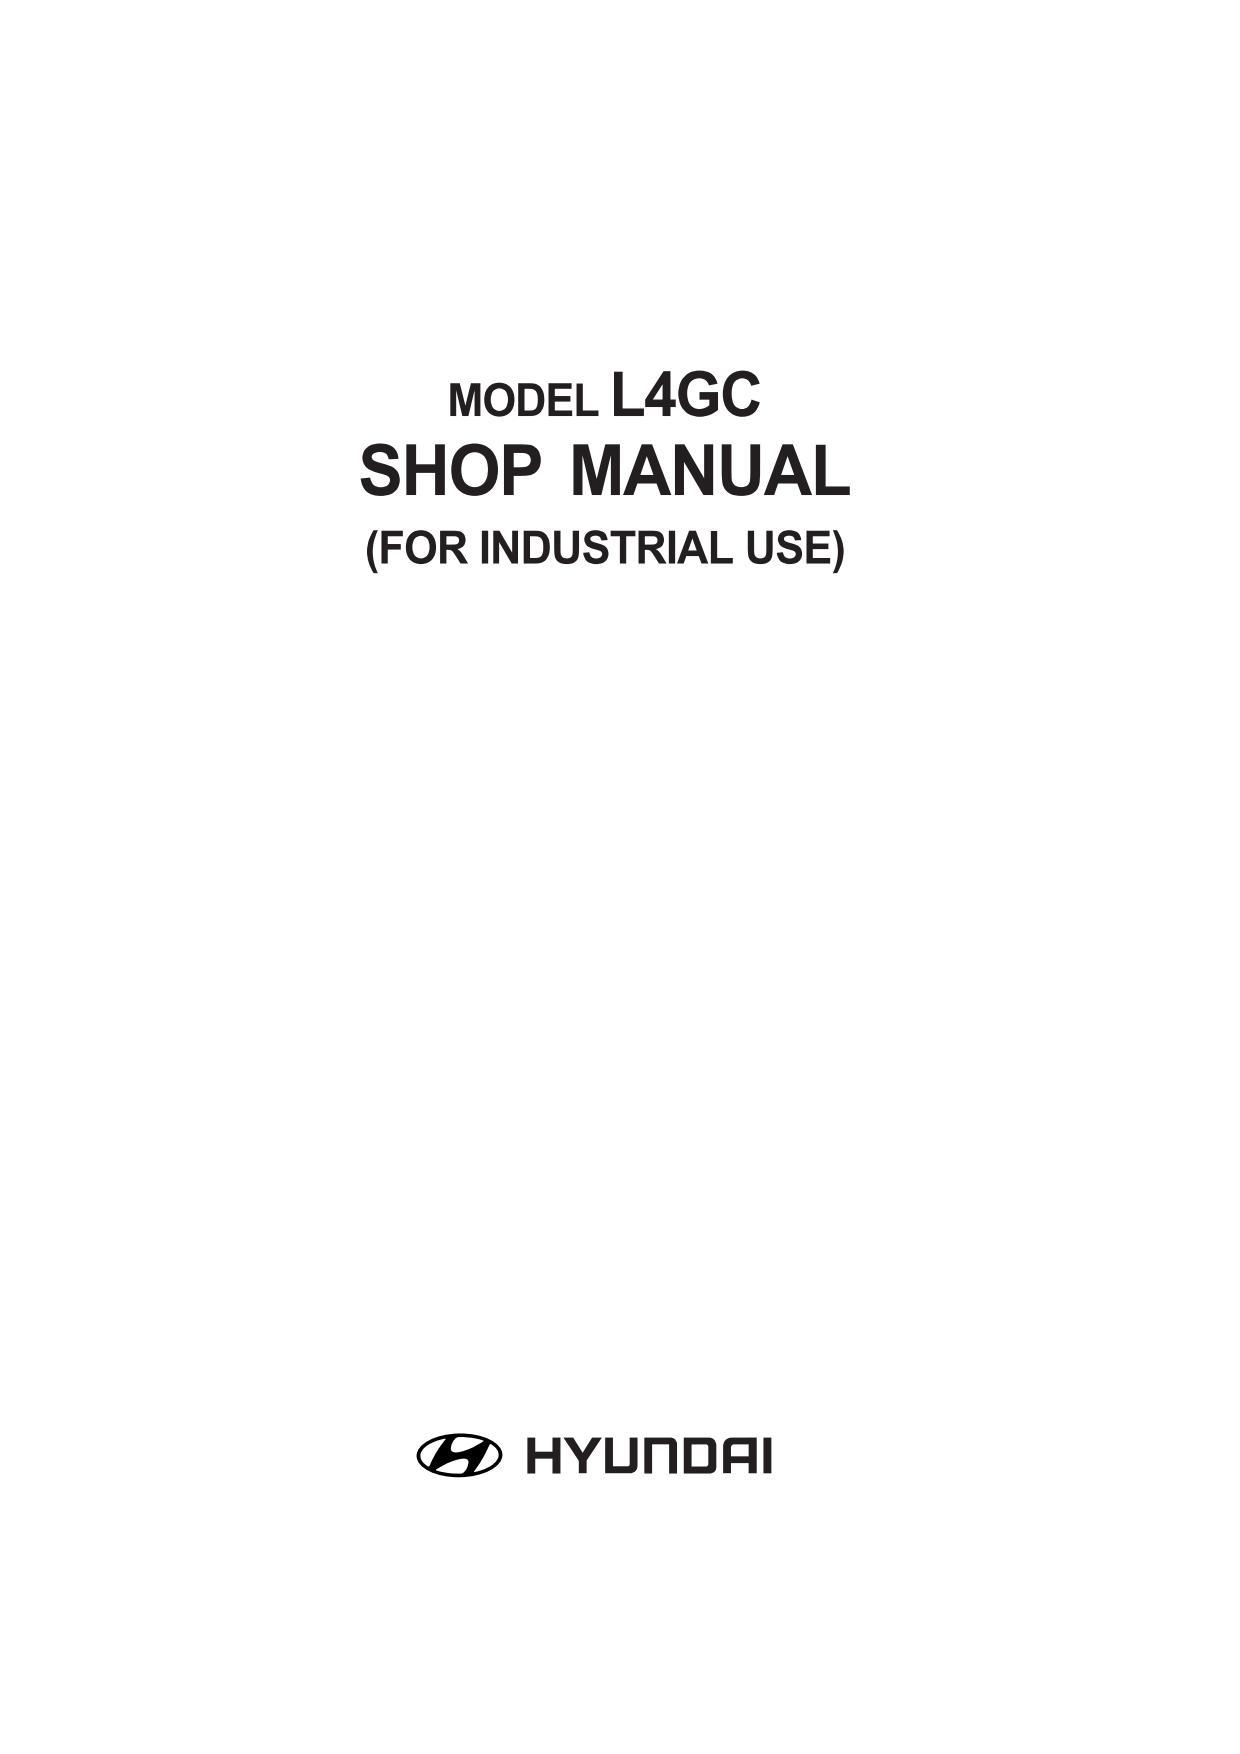 Ремонт и эксплуатация HYUNDAI L4GC